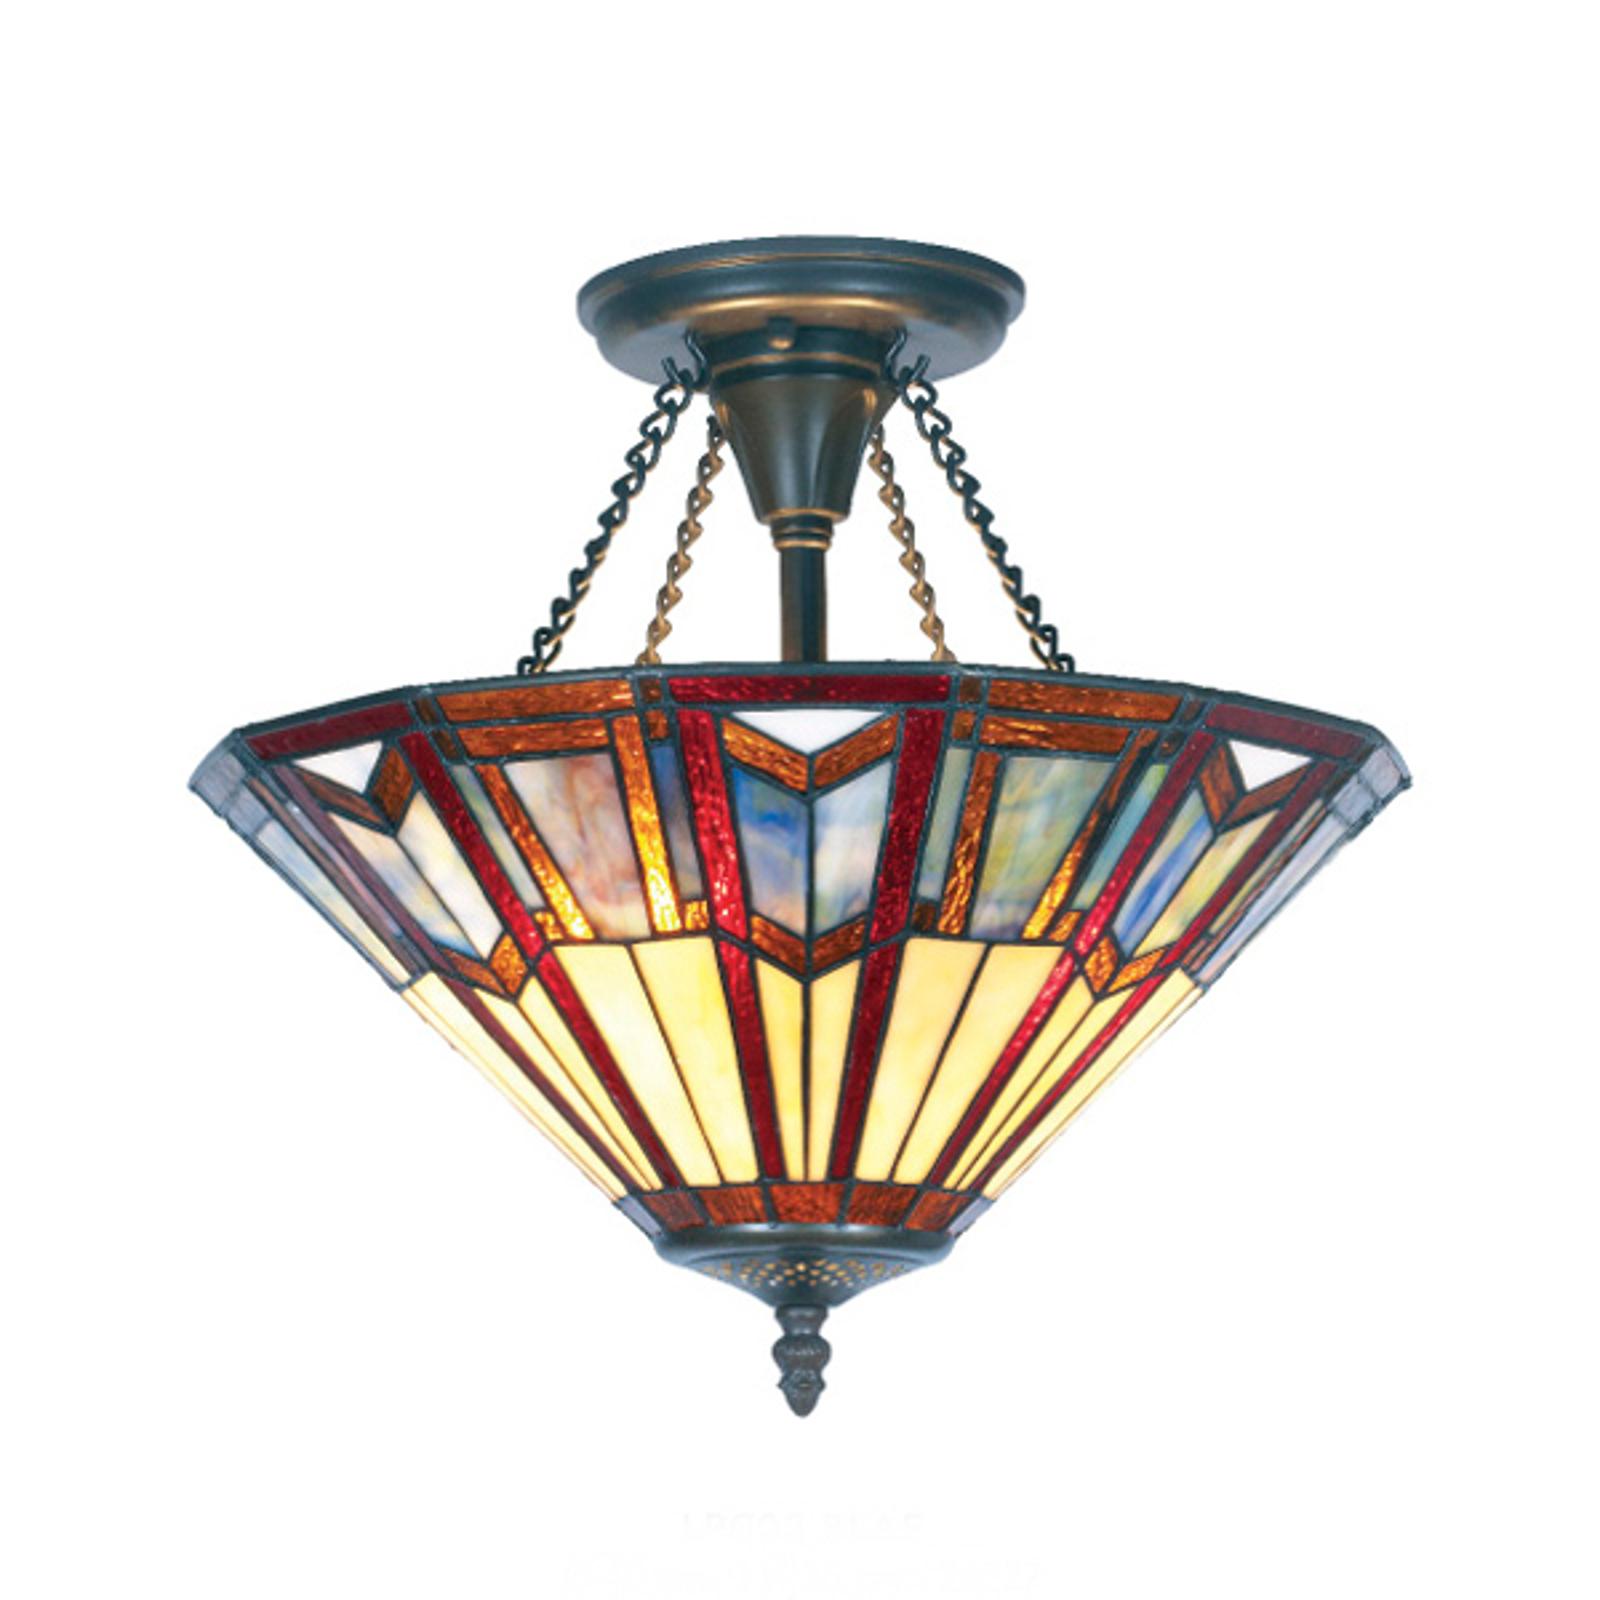 Lampa sufitowa LILLIE w stylu Tiffany